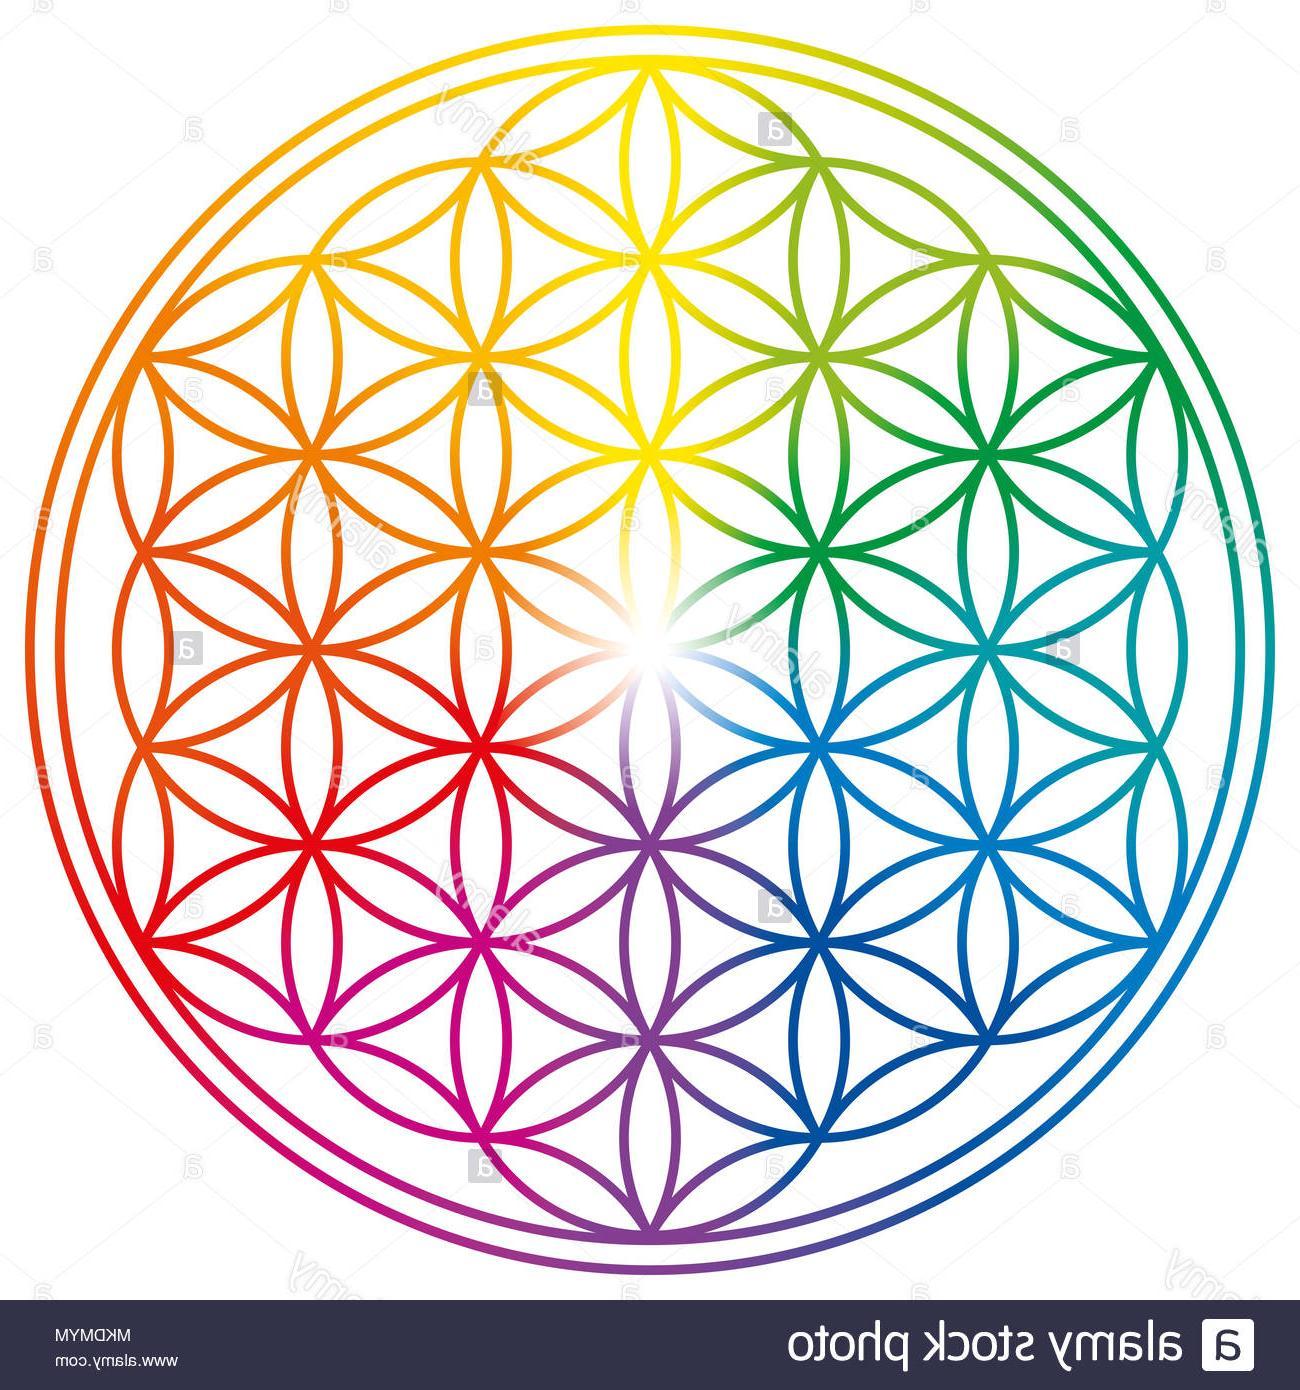 géométrie sacrée fleur de vie